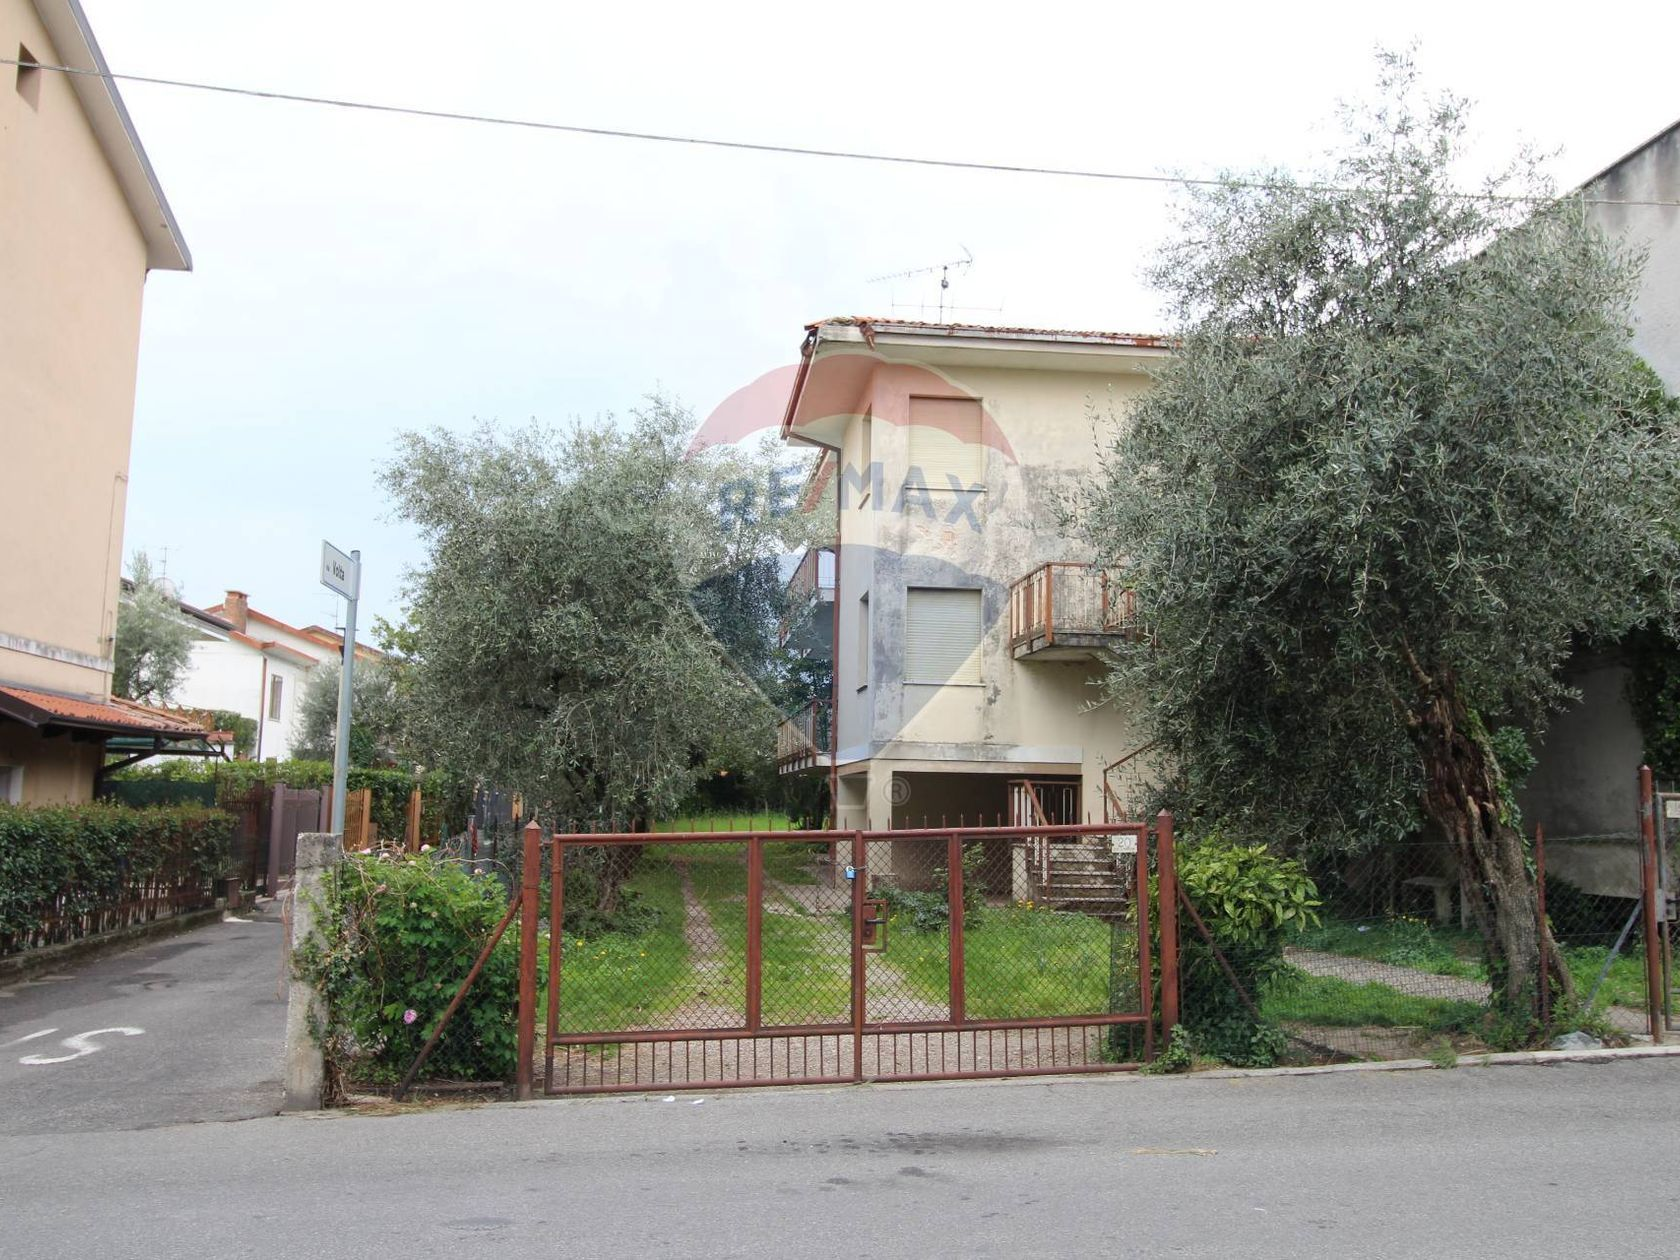 Locale Commerciale Toscolano-Maderno, BS Vendita - Foto 11